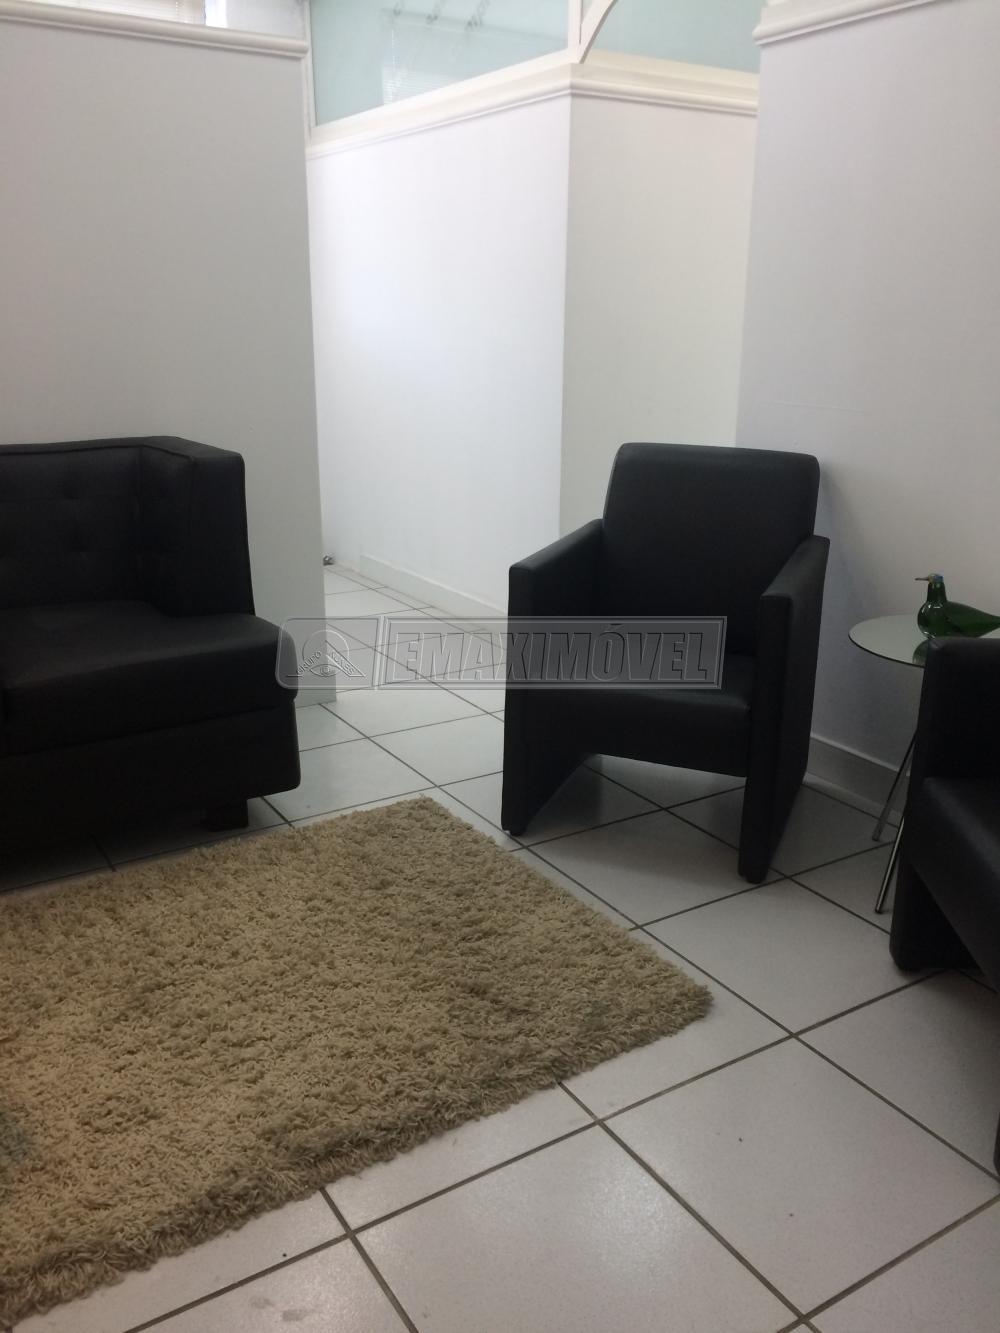 Alugar Comercial / Prédios em Sorocaba apenas R$ 500,00 - Foto 4